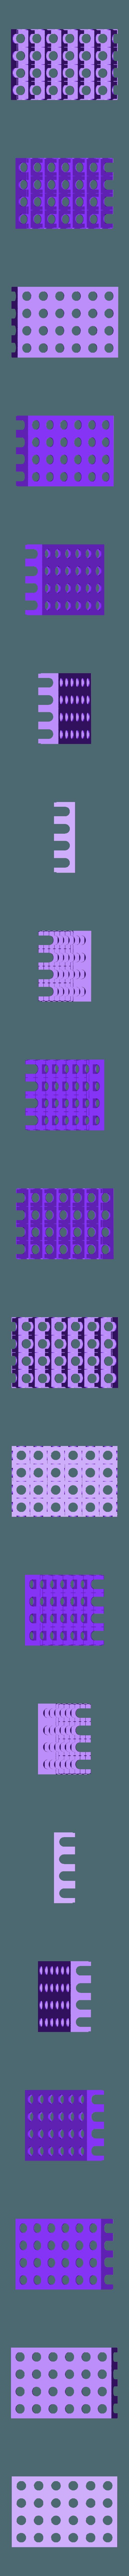 Torres_-_Tower_Case_Base.stl Télécharger fichier STL gratuit Tour Torres et mallettes à embouts • Objet à imprimer en 3D, Hardcore3D